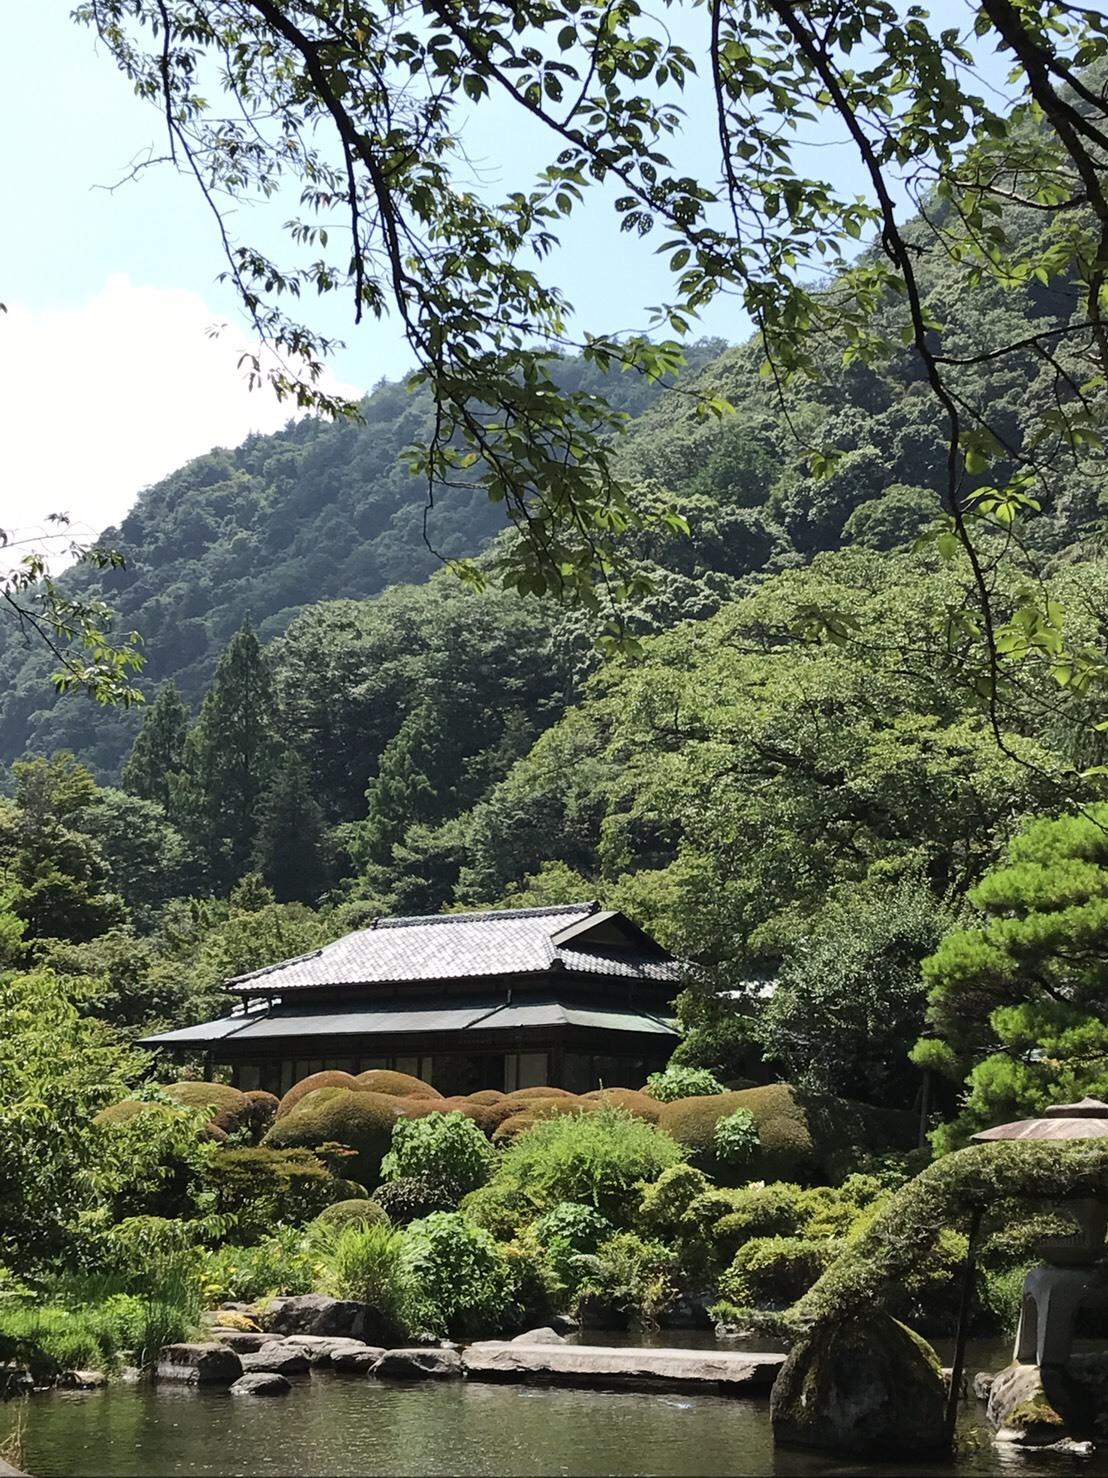 ひと足お先に夏休み 箱根日帰り温泉の旅を楽しんで来ました_1_3-1